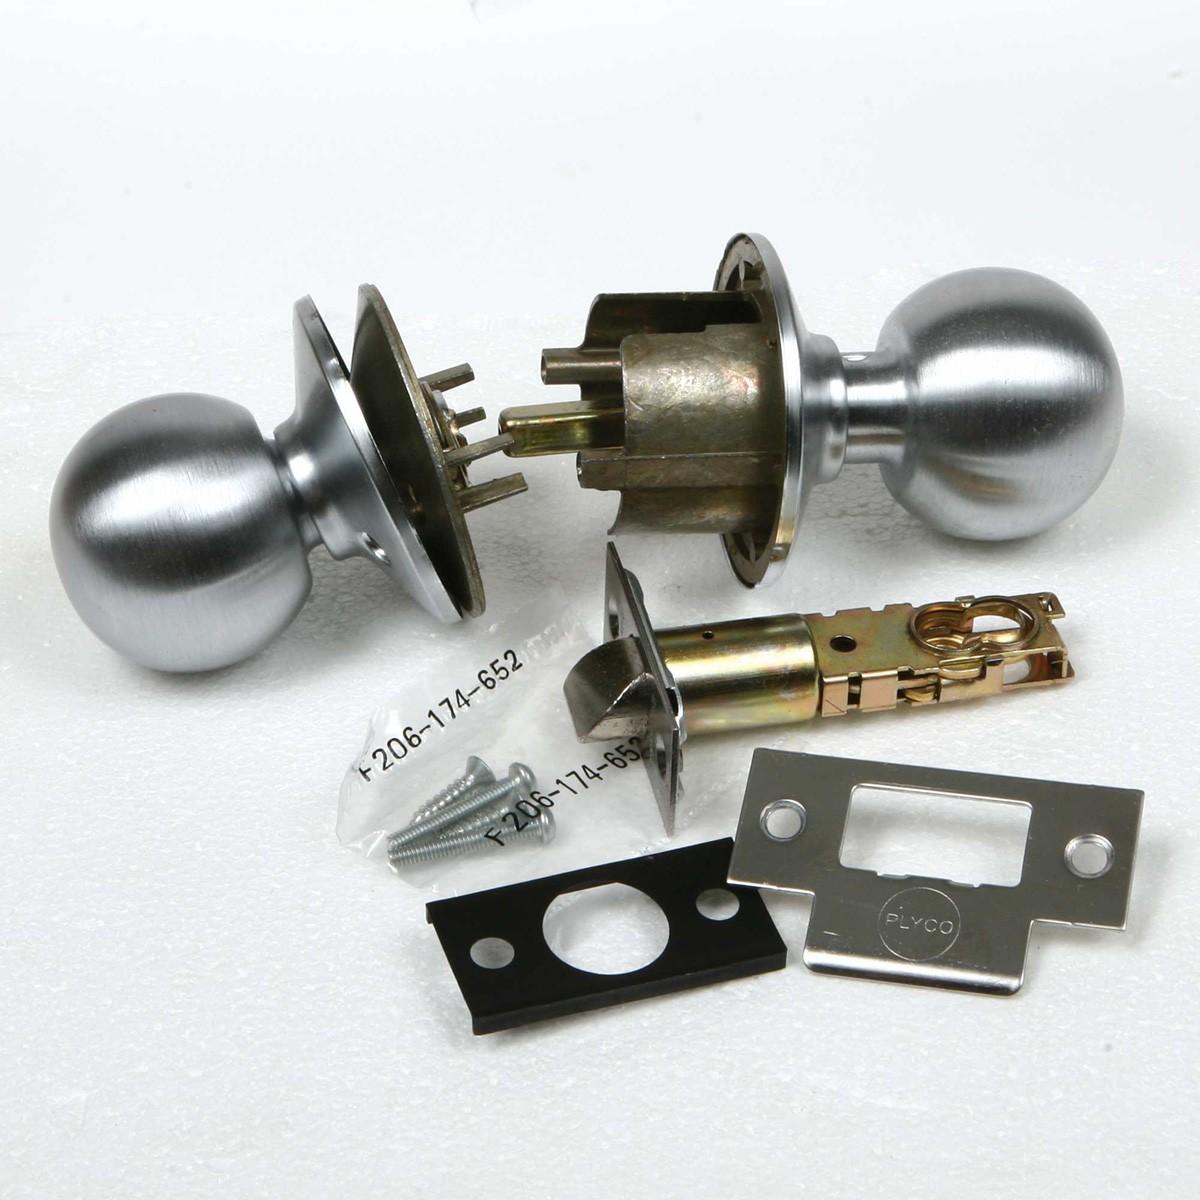 door knobs parts photo - 3